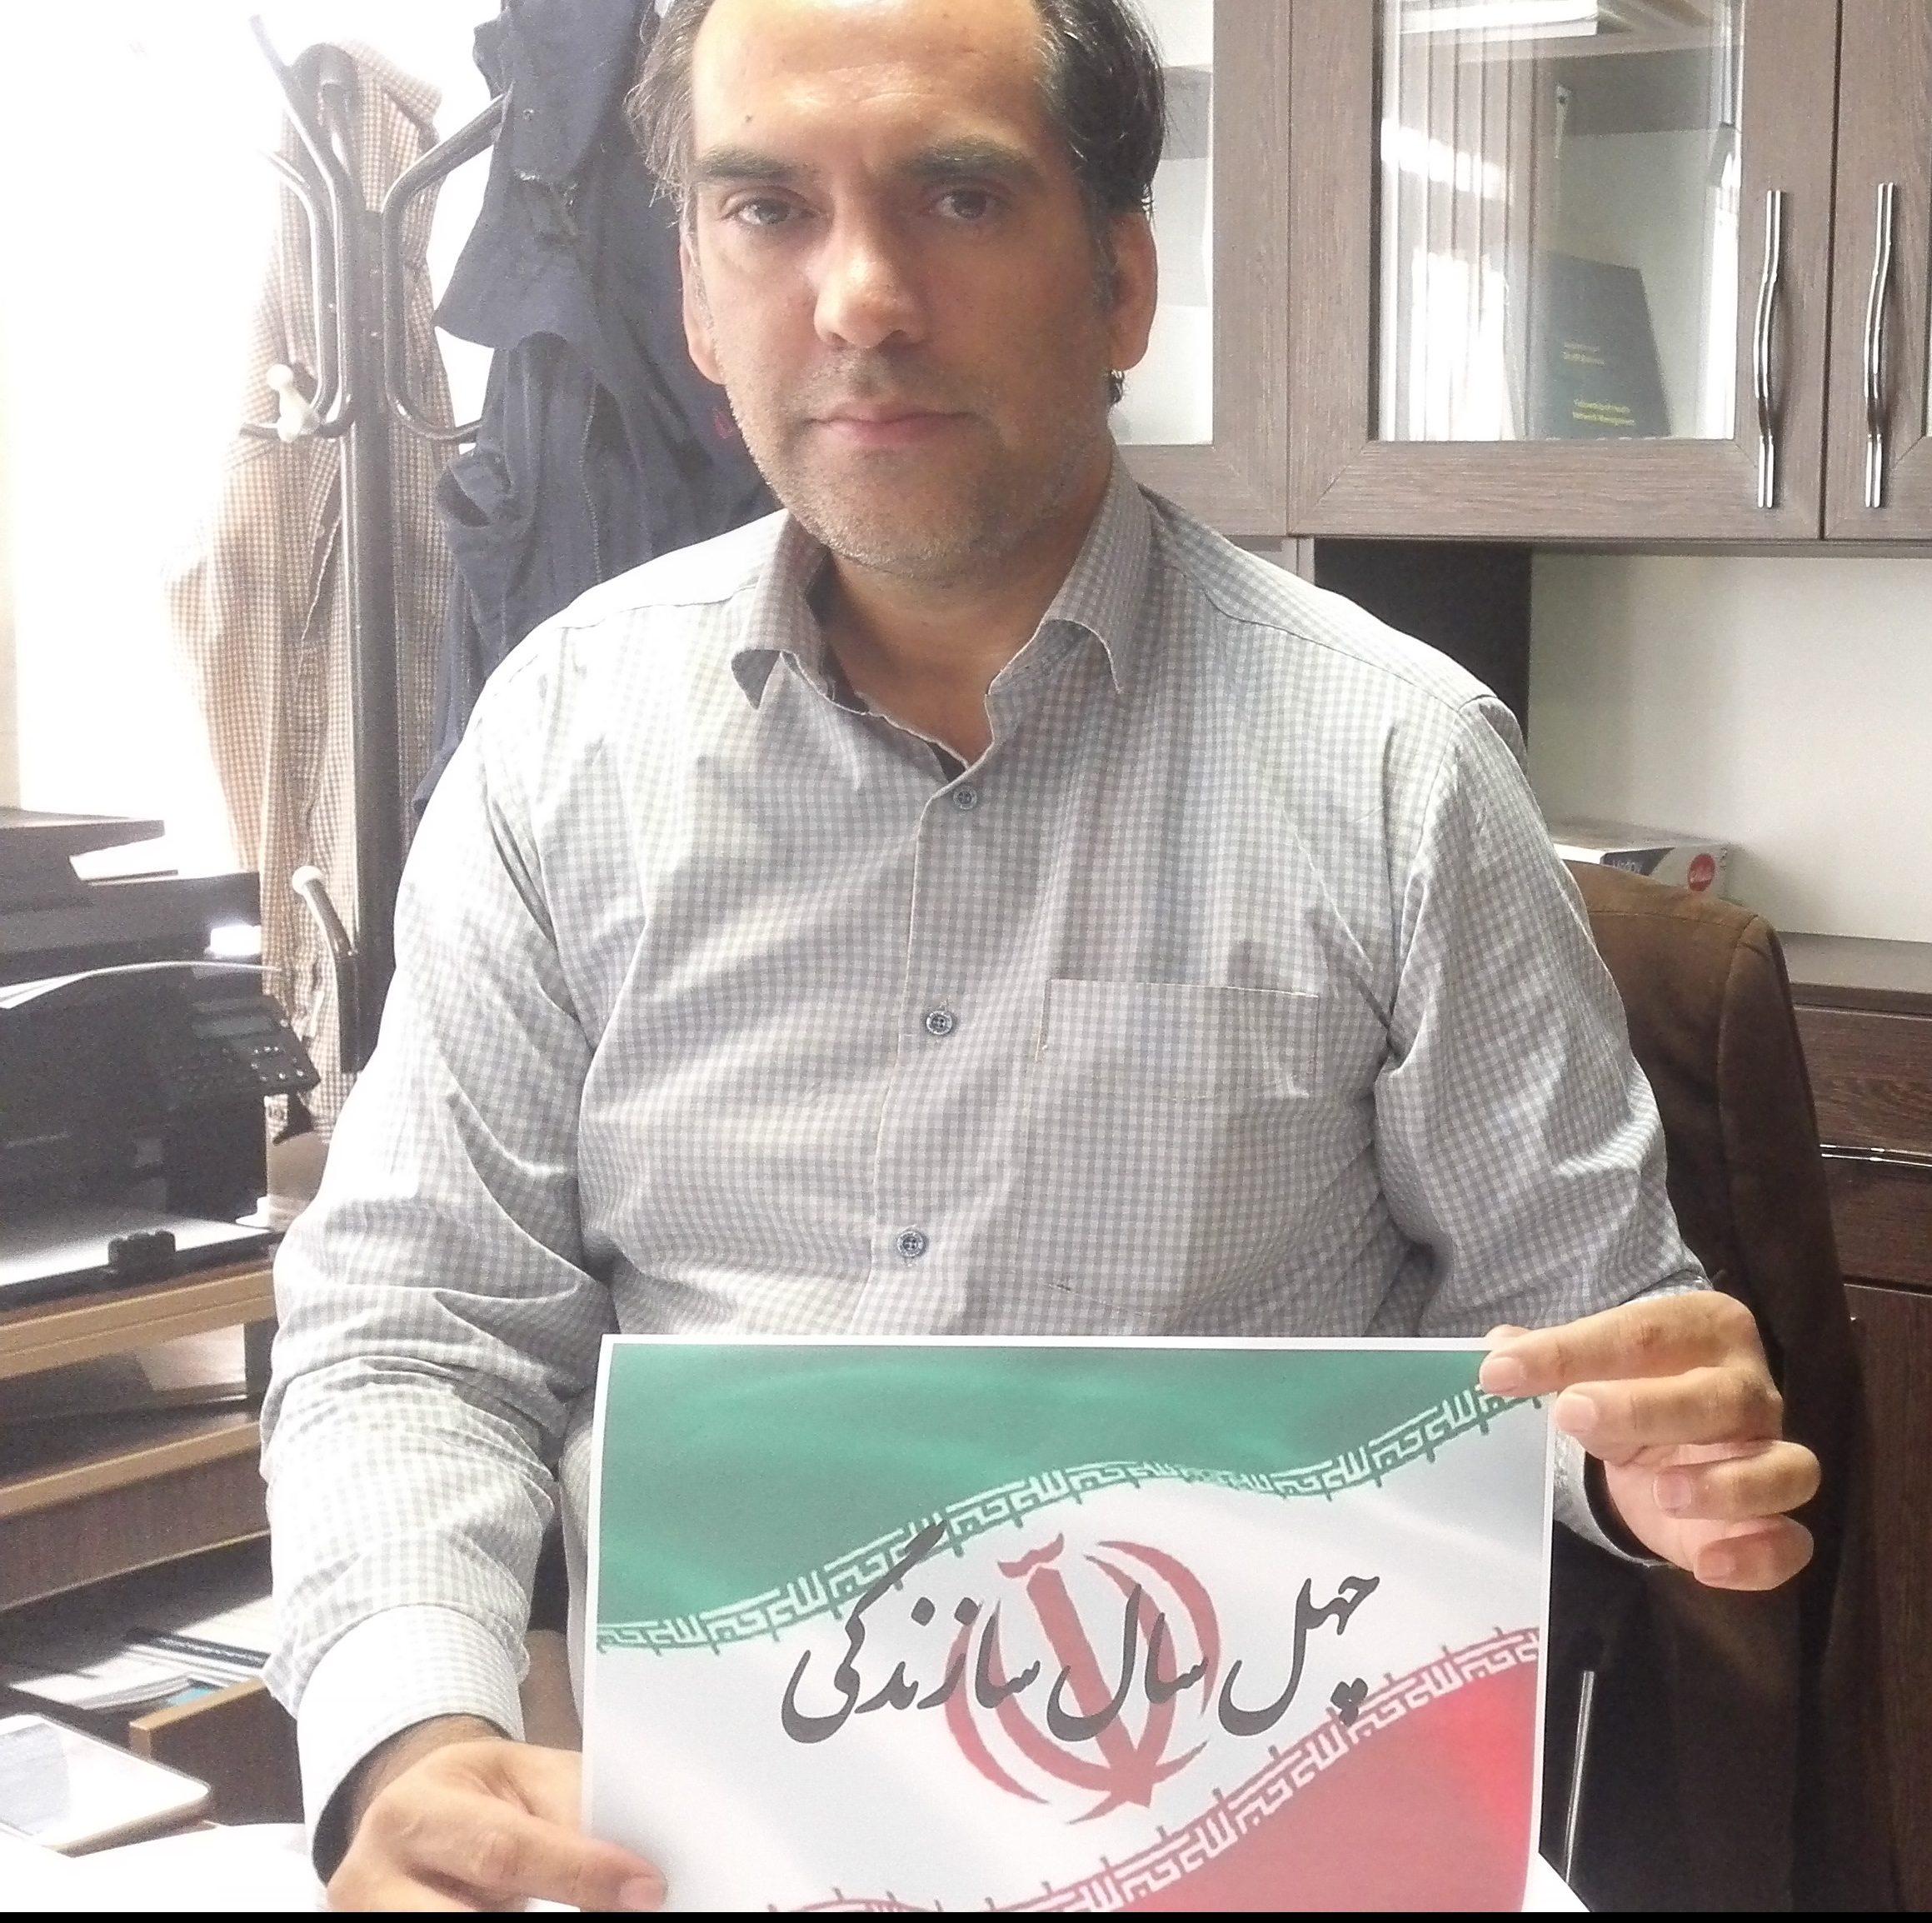 افتتاح بخش دیالیز بیمارستان امام خمینی (ره) در دهه فجر /۲۱ خانه بهداشت در رابر ساخته شده است